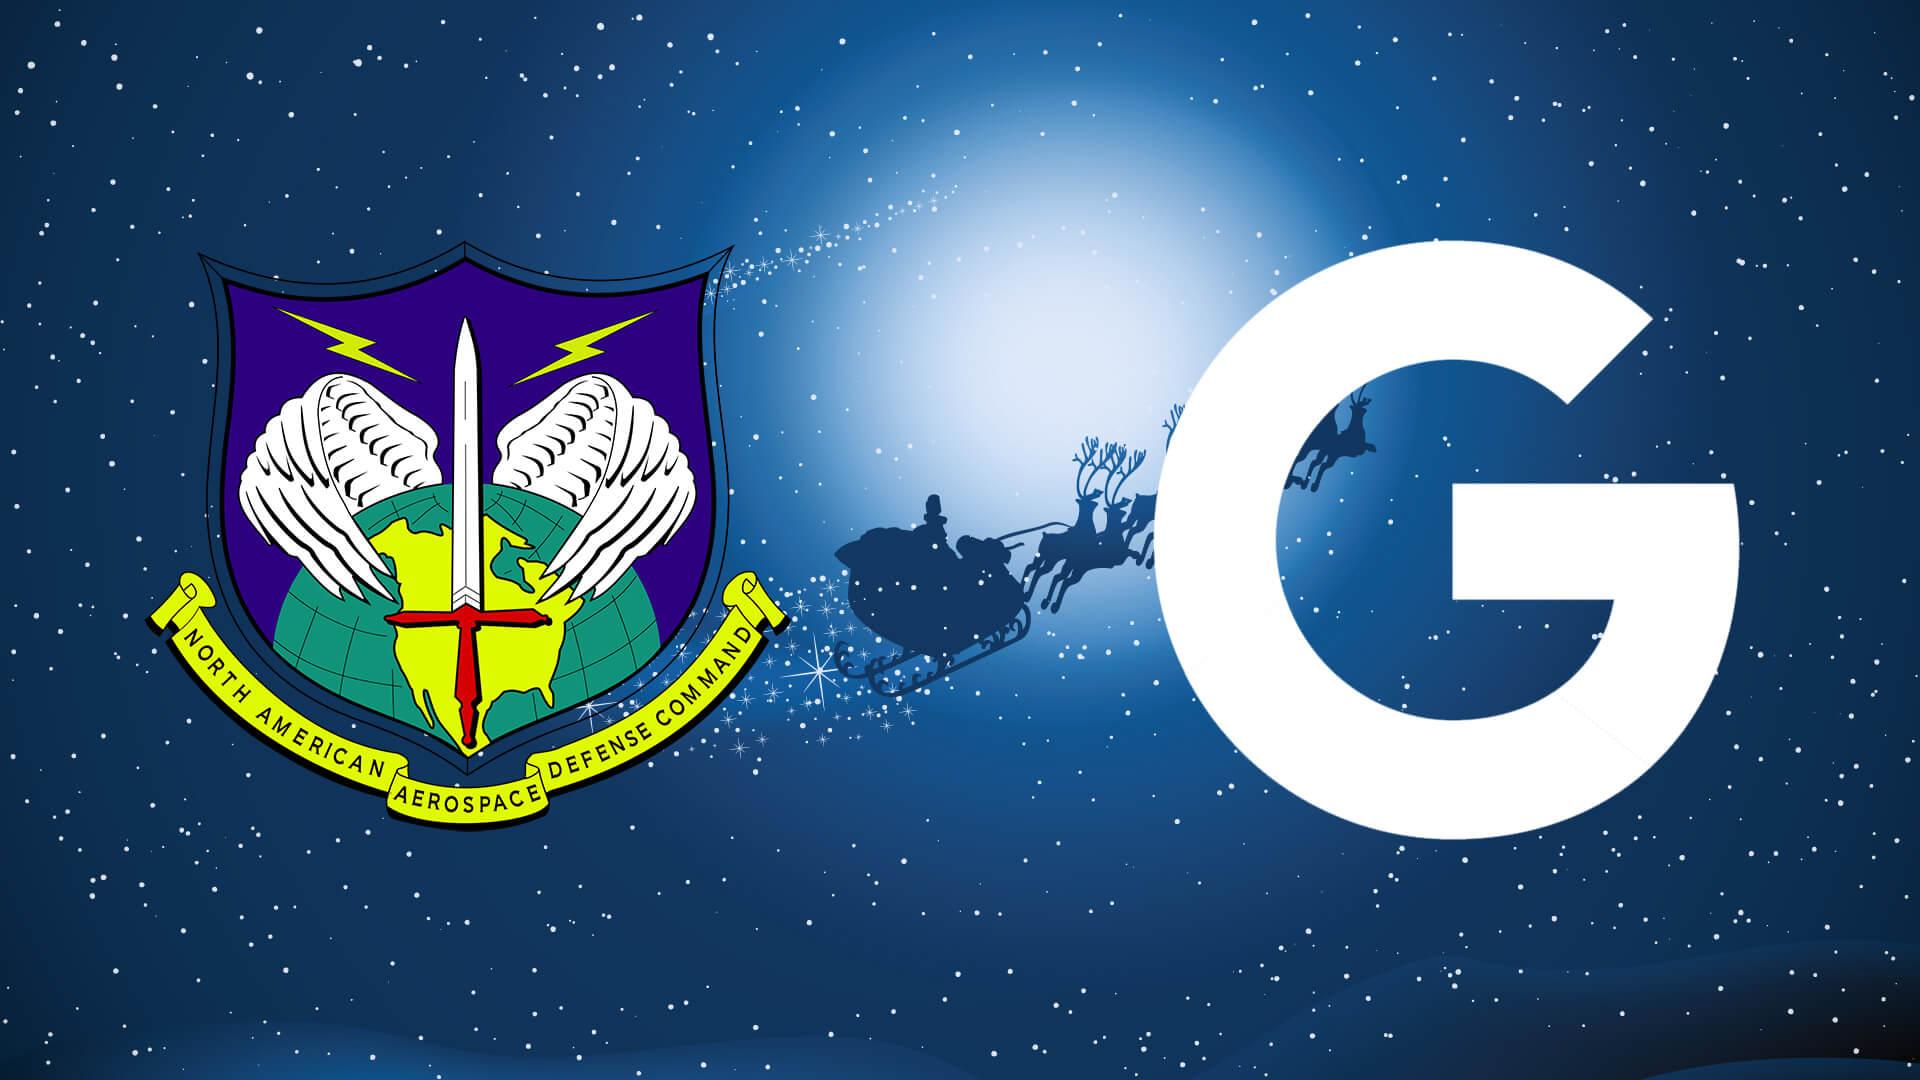 google-2015-norad-santa-ss-1920